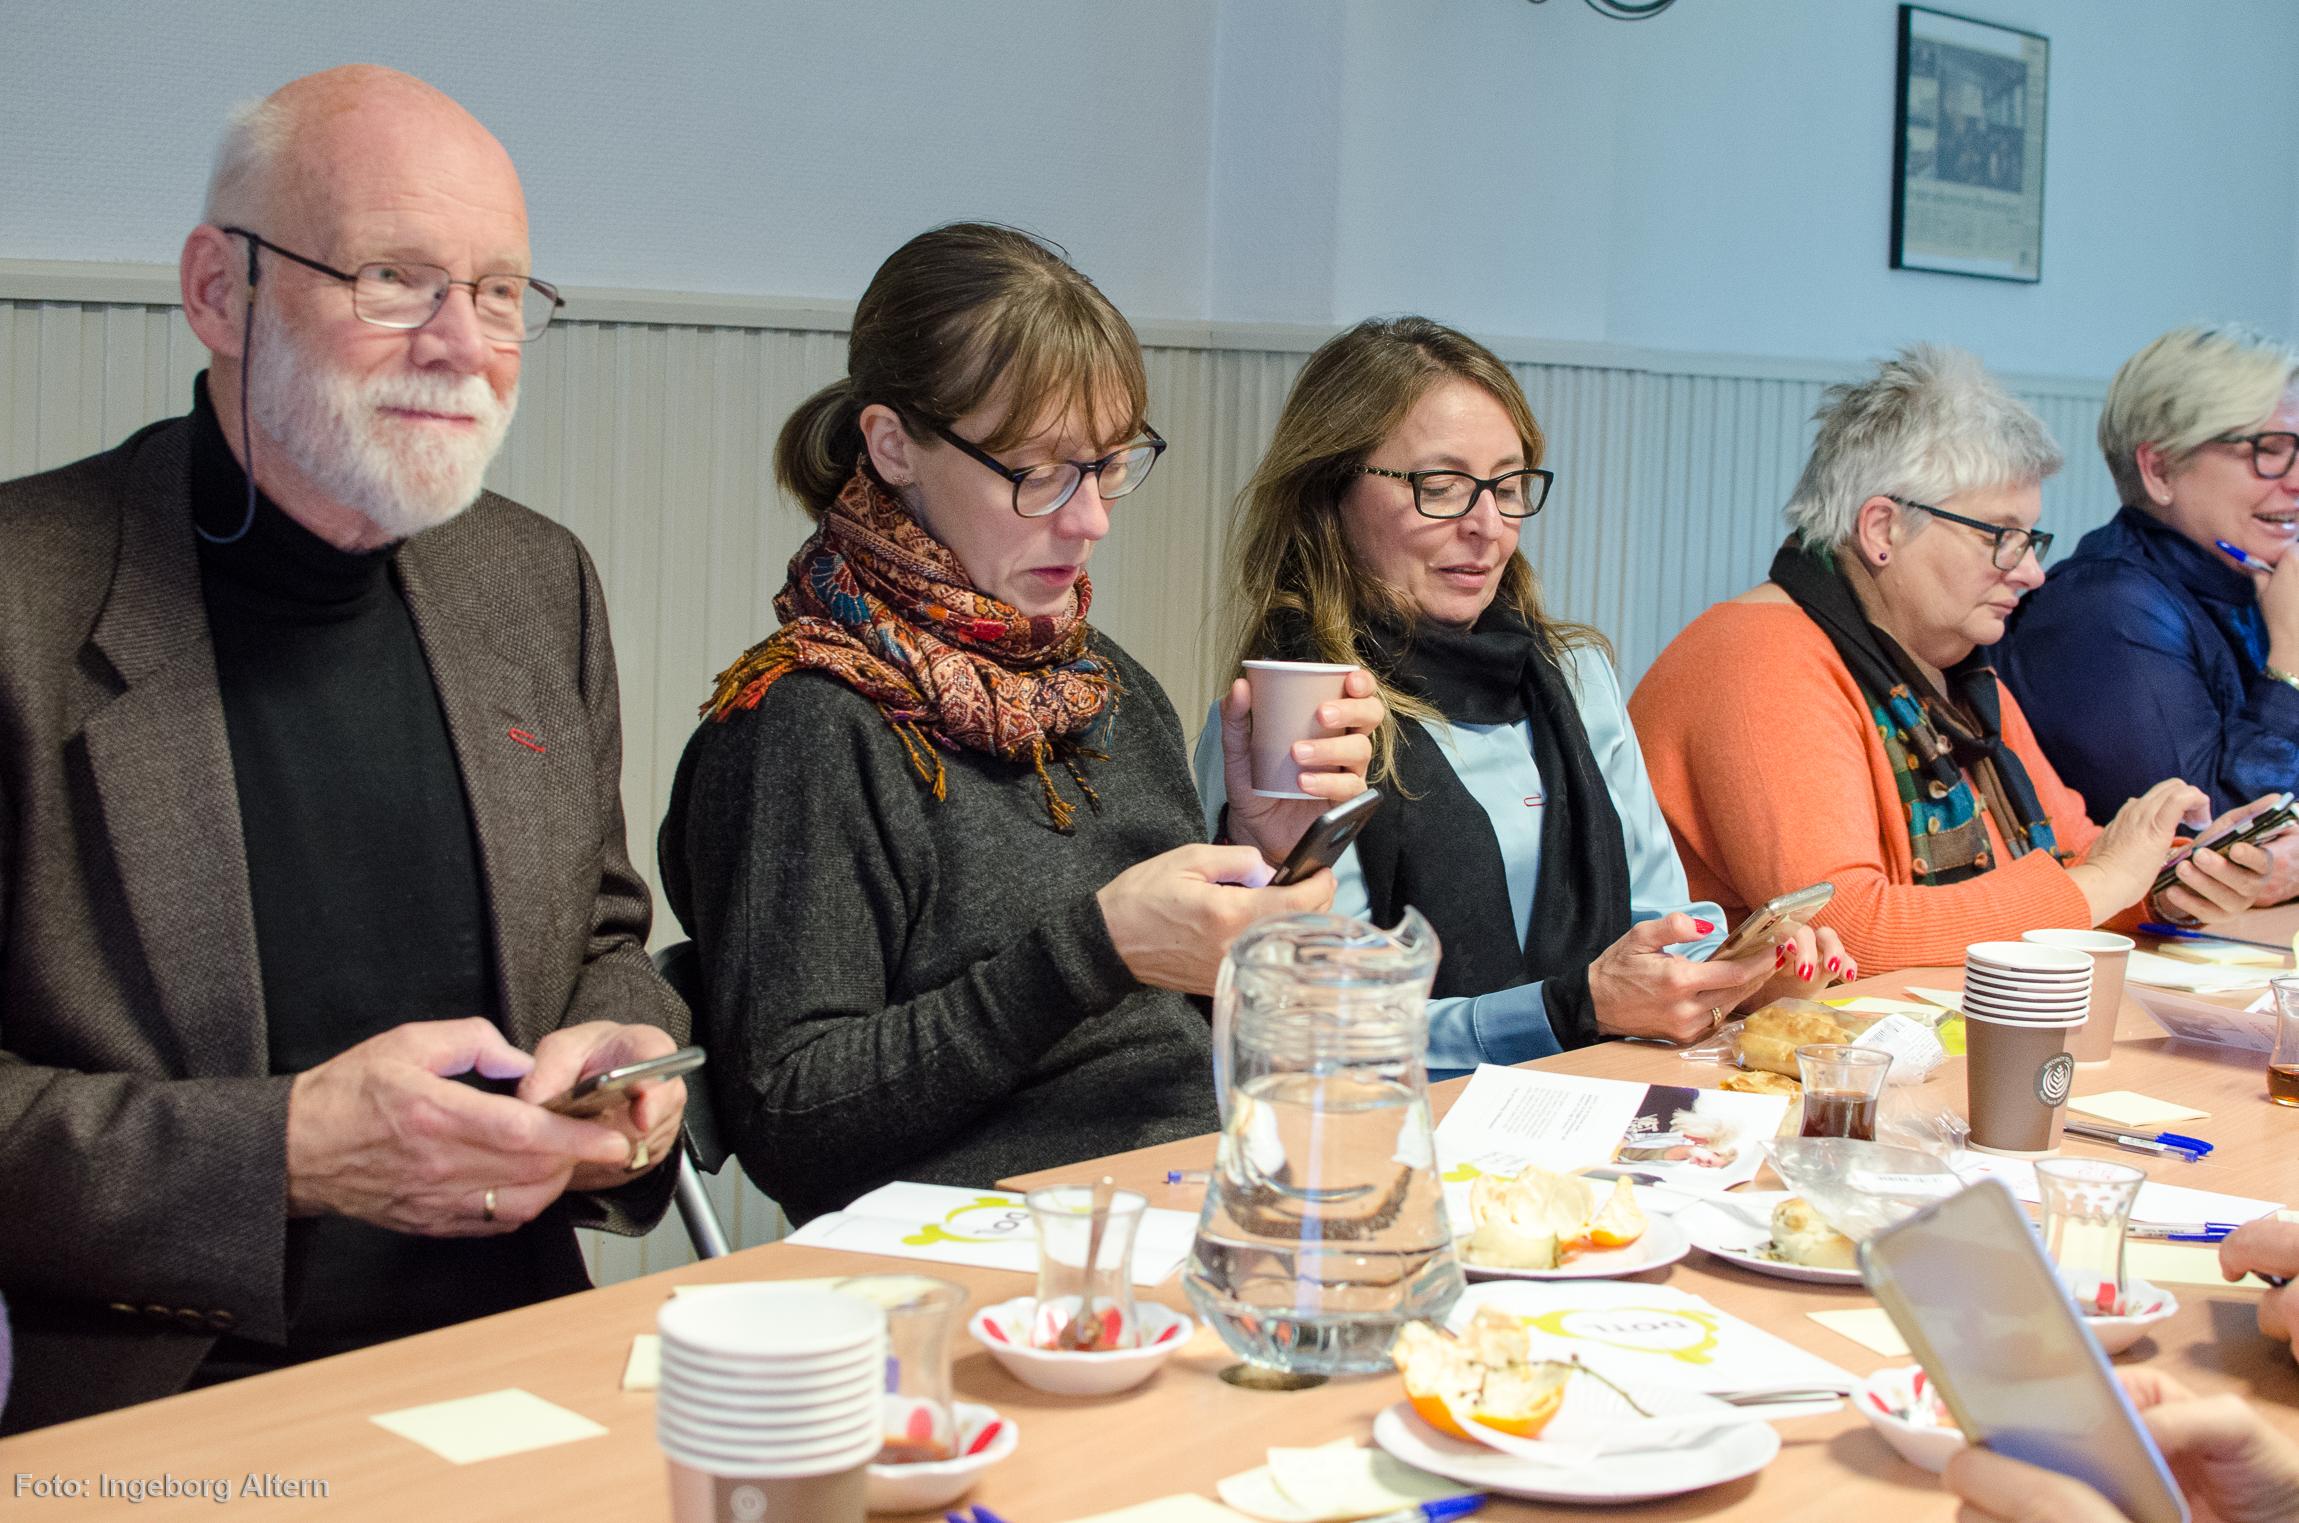 Å avgi svar via mobilen ser kanskje usosialt ut, men før svarene kunne avgis samtalte alle i gruppen. Foto: Ingeborg Altern Vedal